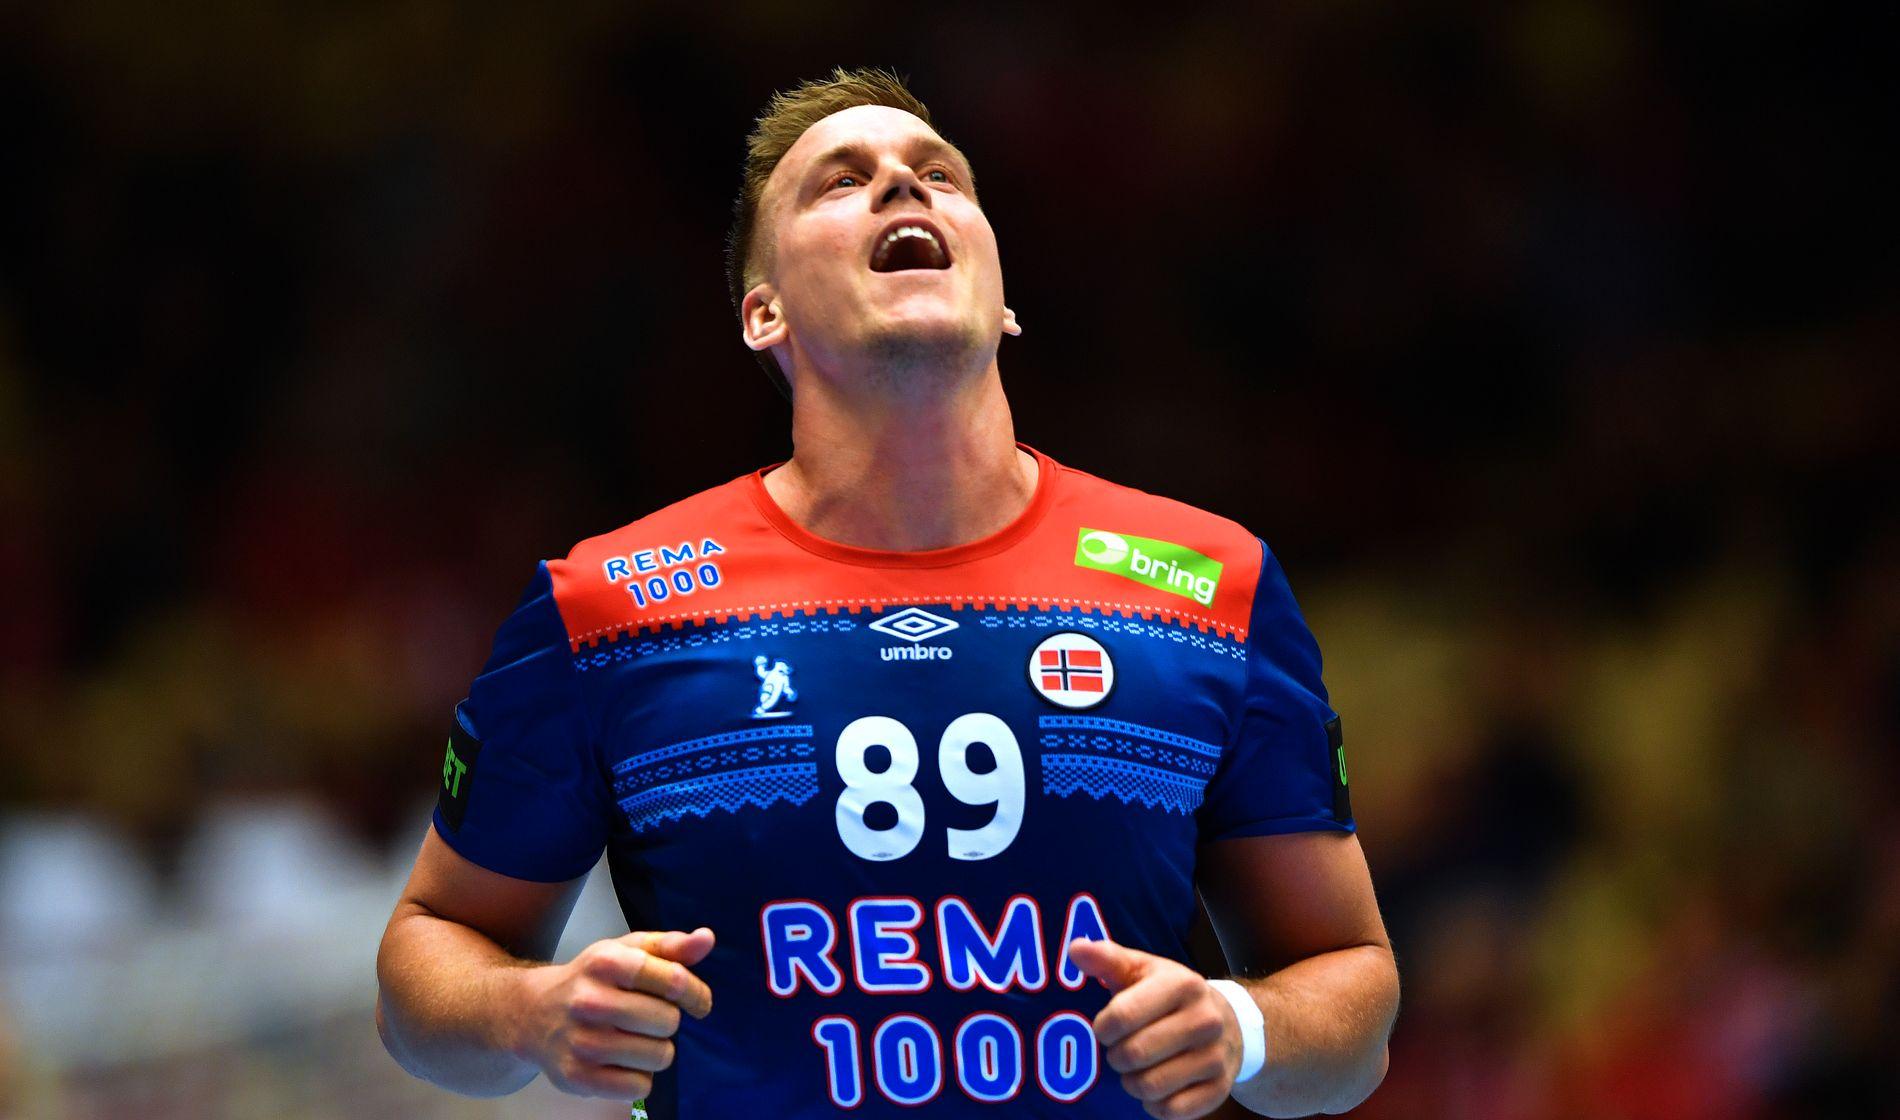 KLAFF TIL SLUTT: Espen Lie Hansen satte inn sine første åtte mål i VM i løpet av kampens siste 20 minutter.